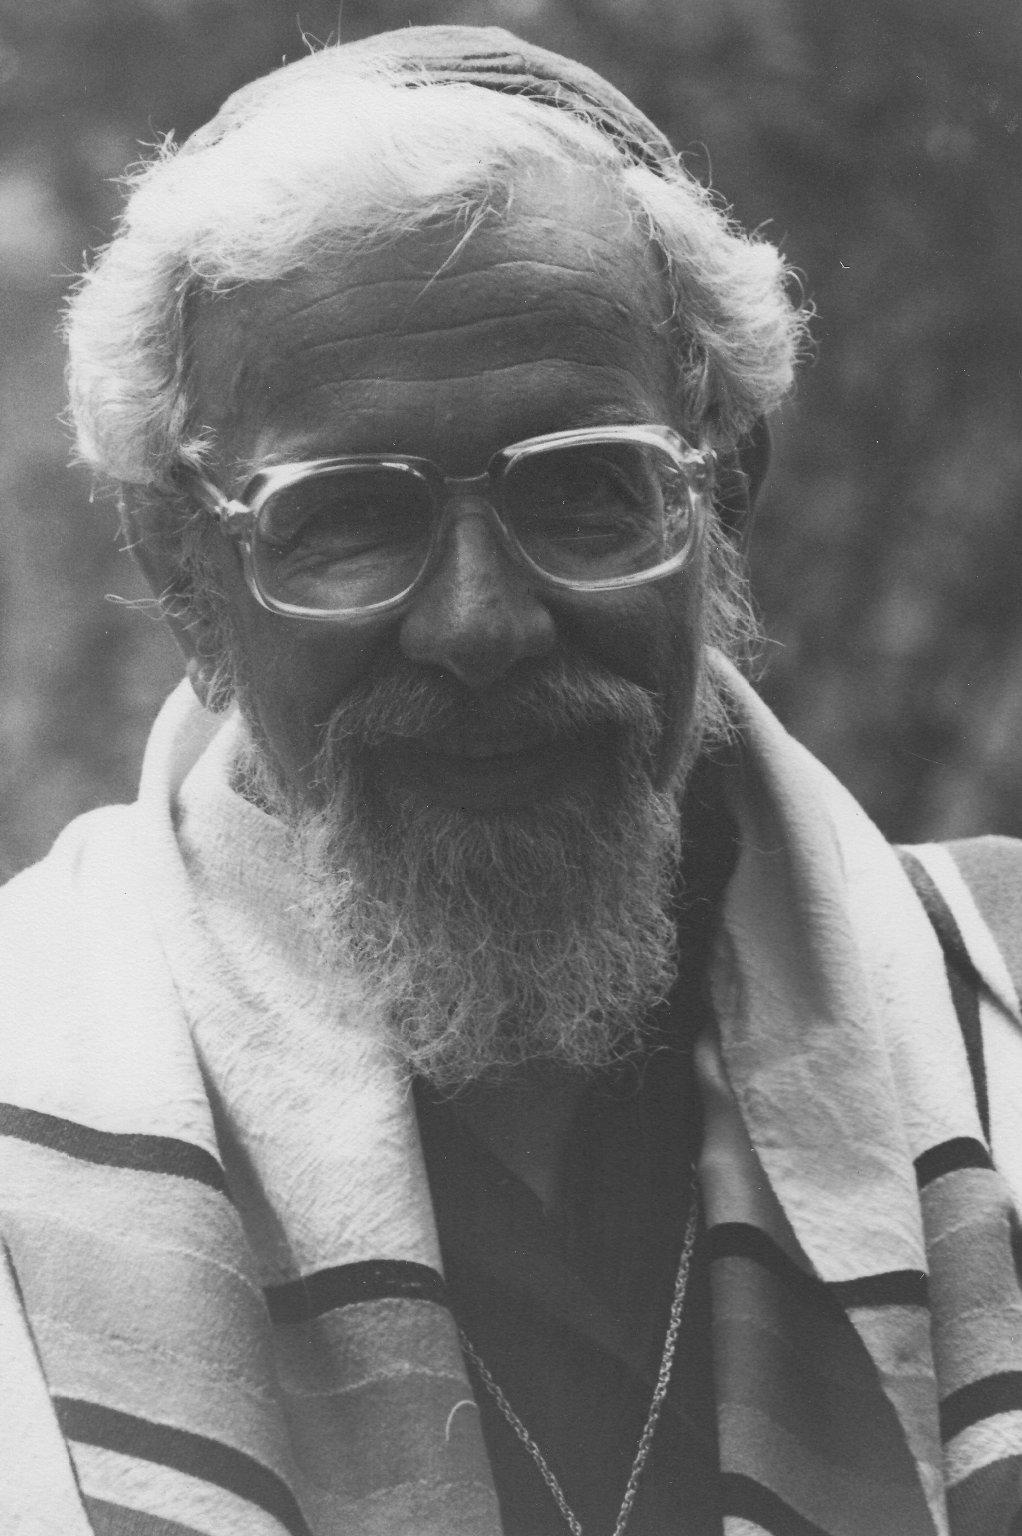 Rabbi Zalman Schachter-Shalomi with tallit, ca. 1980s.